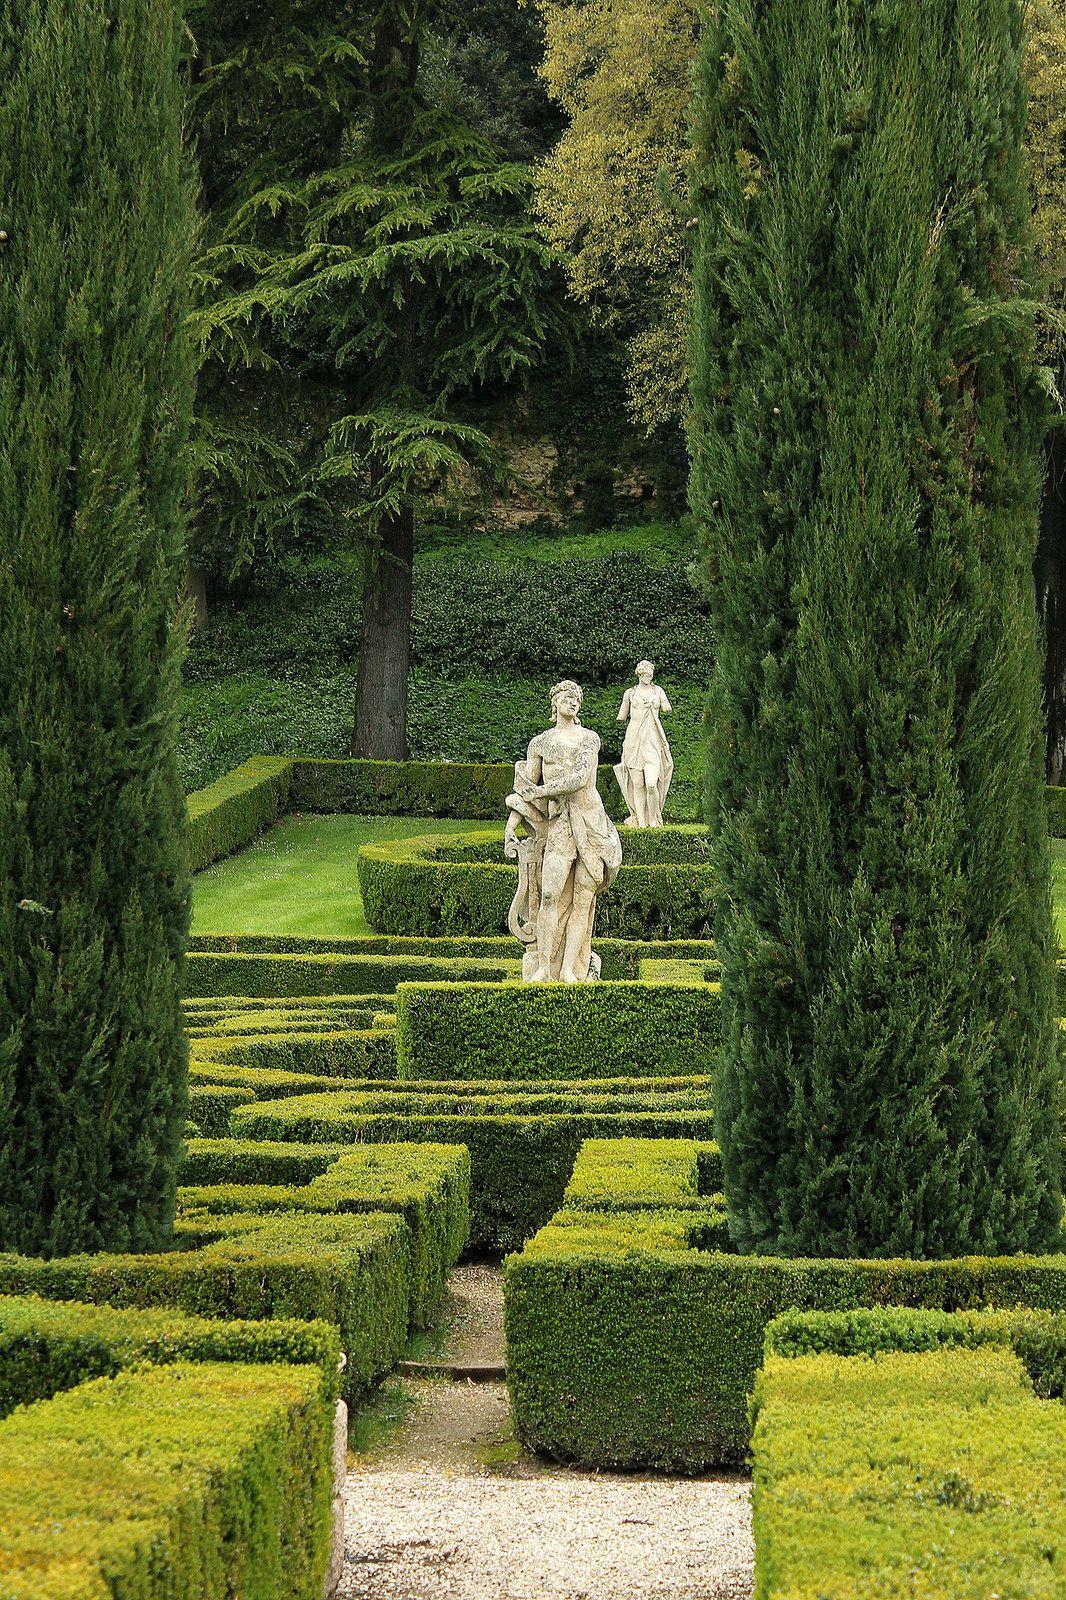 Giusti garden veronetta verona veneto italy for B b giardino giusti verona